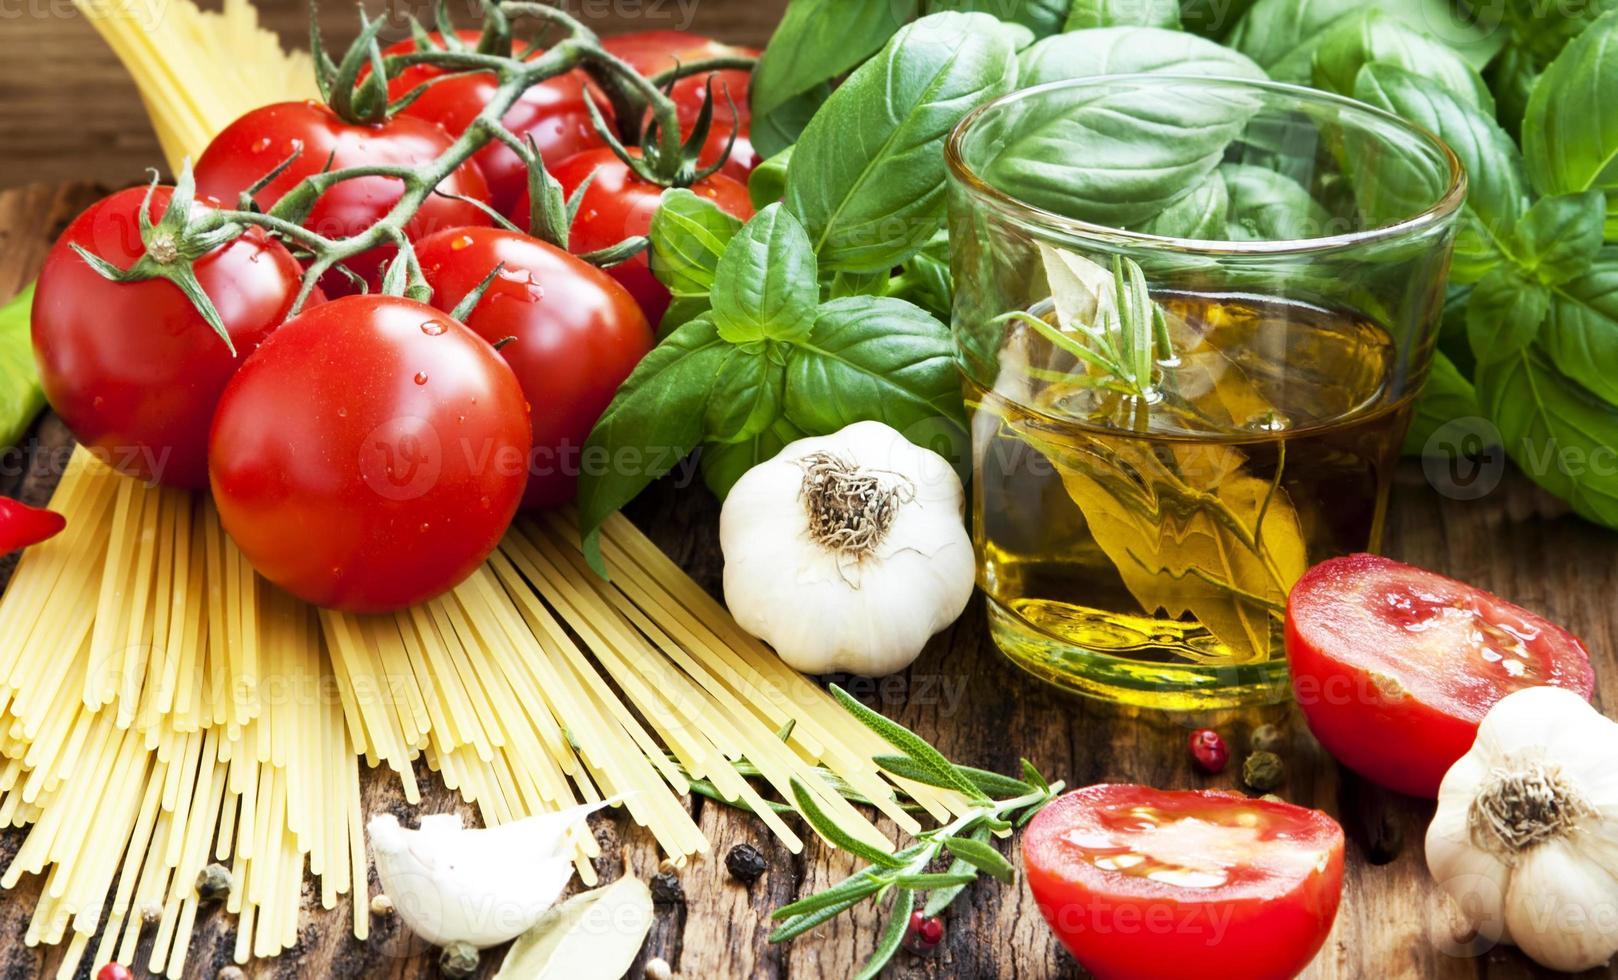 italienische kochzutaten, spaghetti, tomates, olivenöl und bas foto